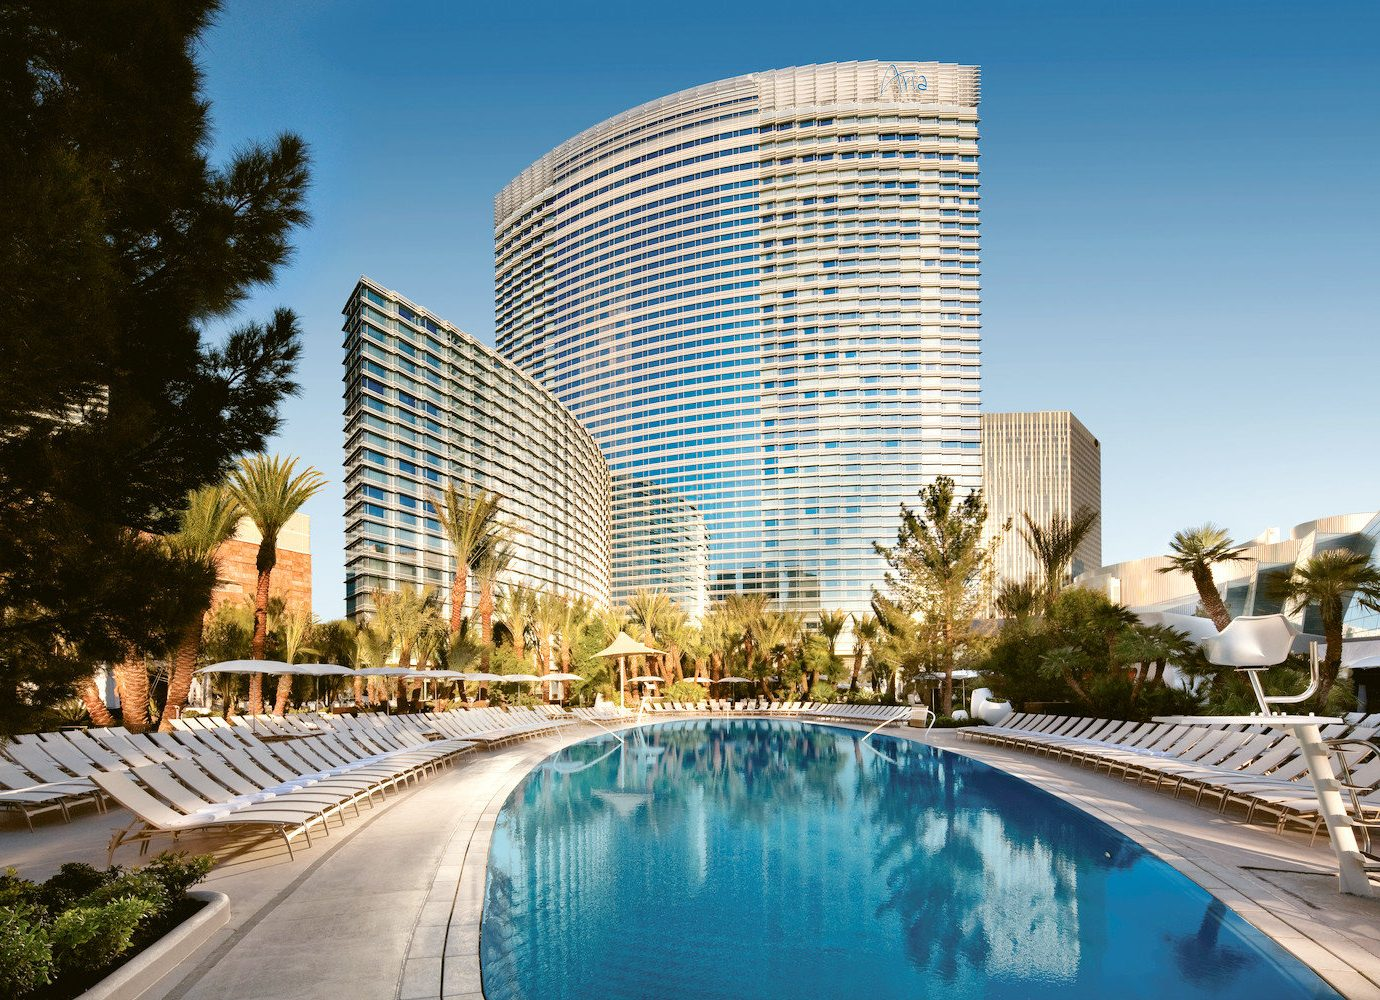 ARIA Las Vegas